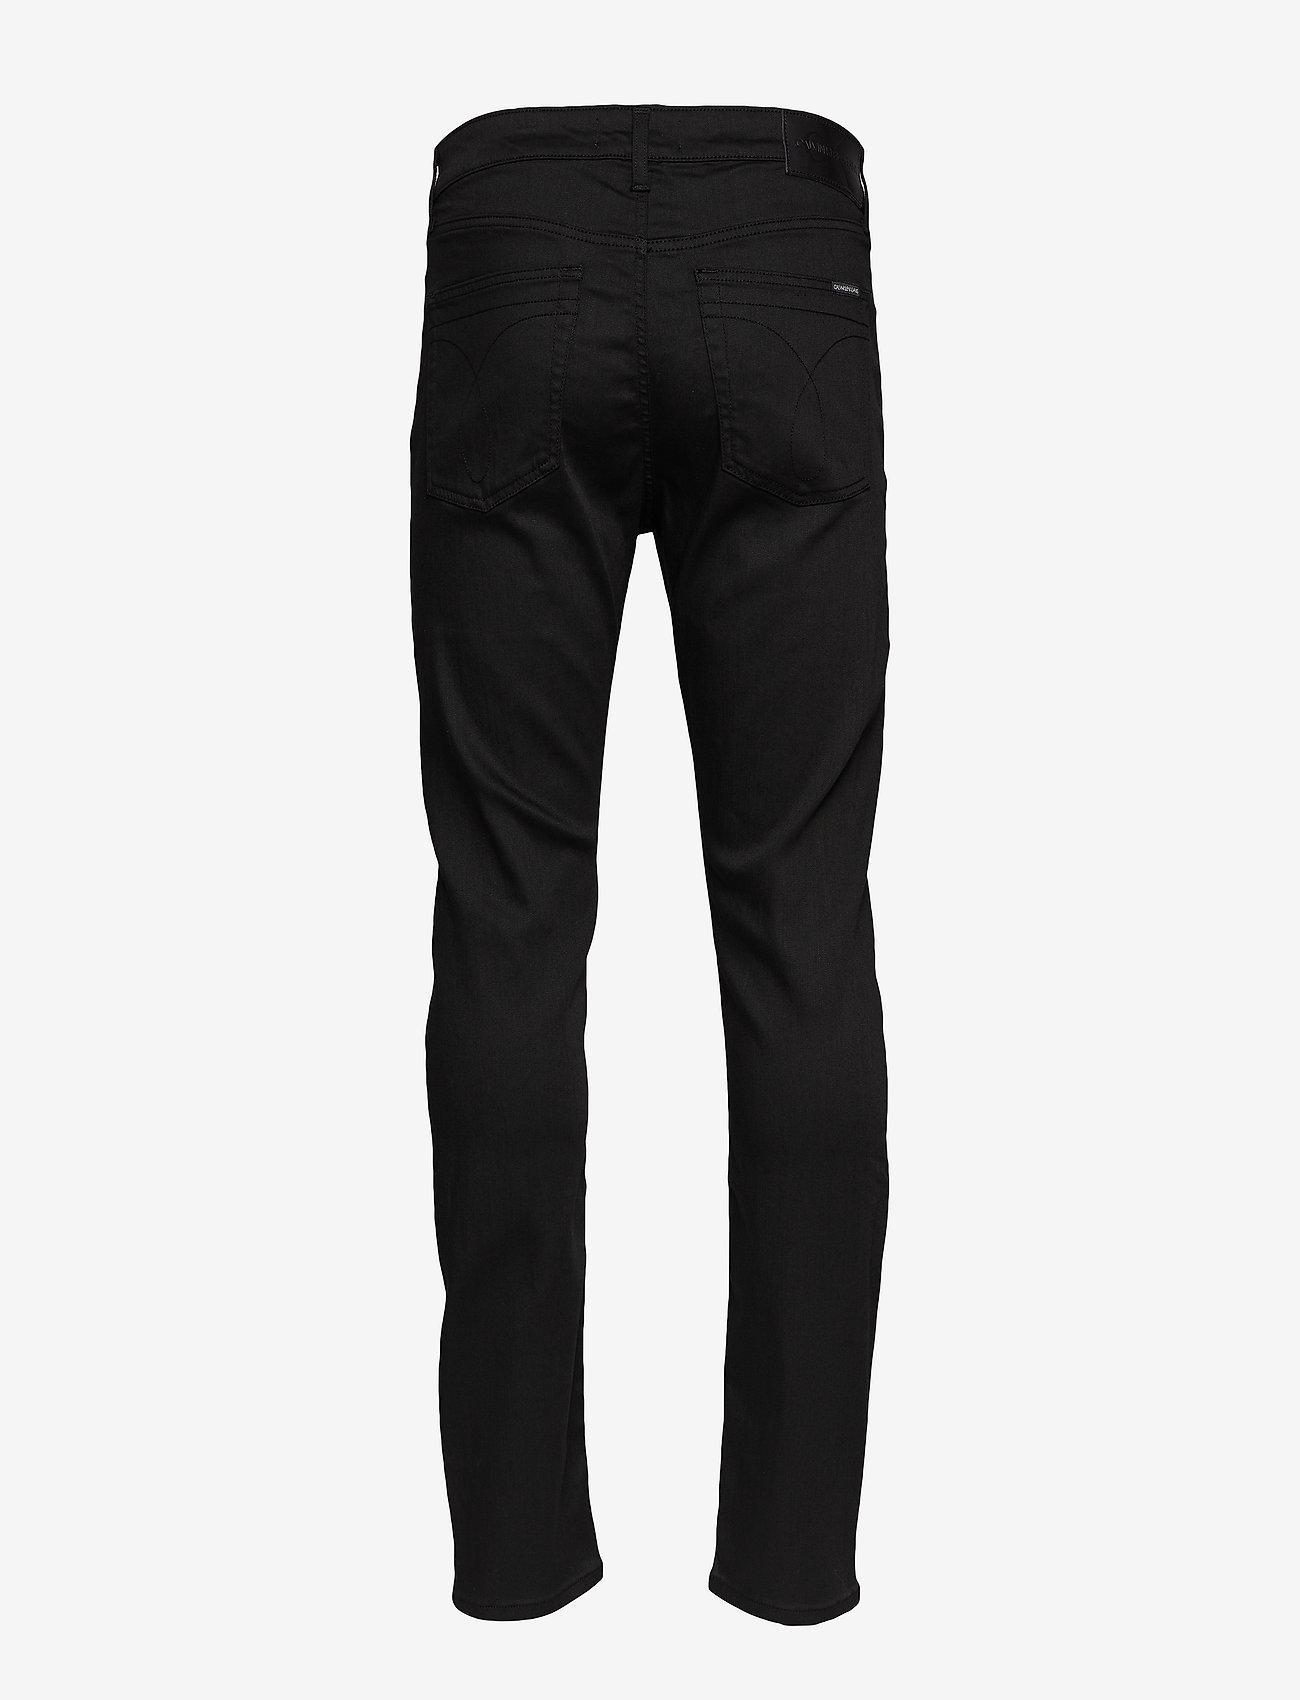 Calvin Klein Jeans - CKJ 058 SLIM TAPER - slim jeans - ca004 black - 1